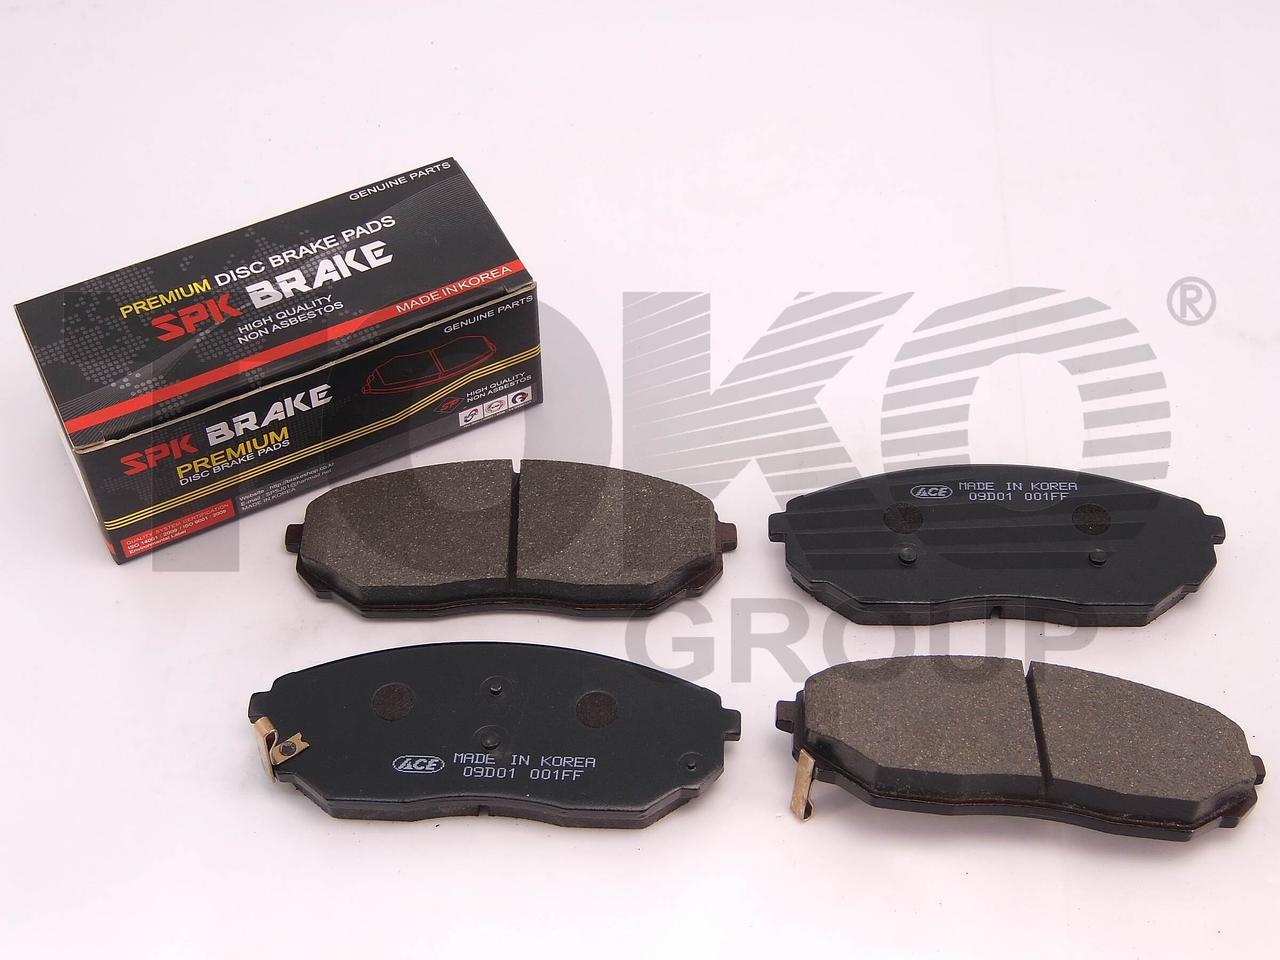 Передние тормозные колодки KIA SORENTO 2.5 TCI, 3.5I V6  02.08-   Колодки тормозные Киа Соренто